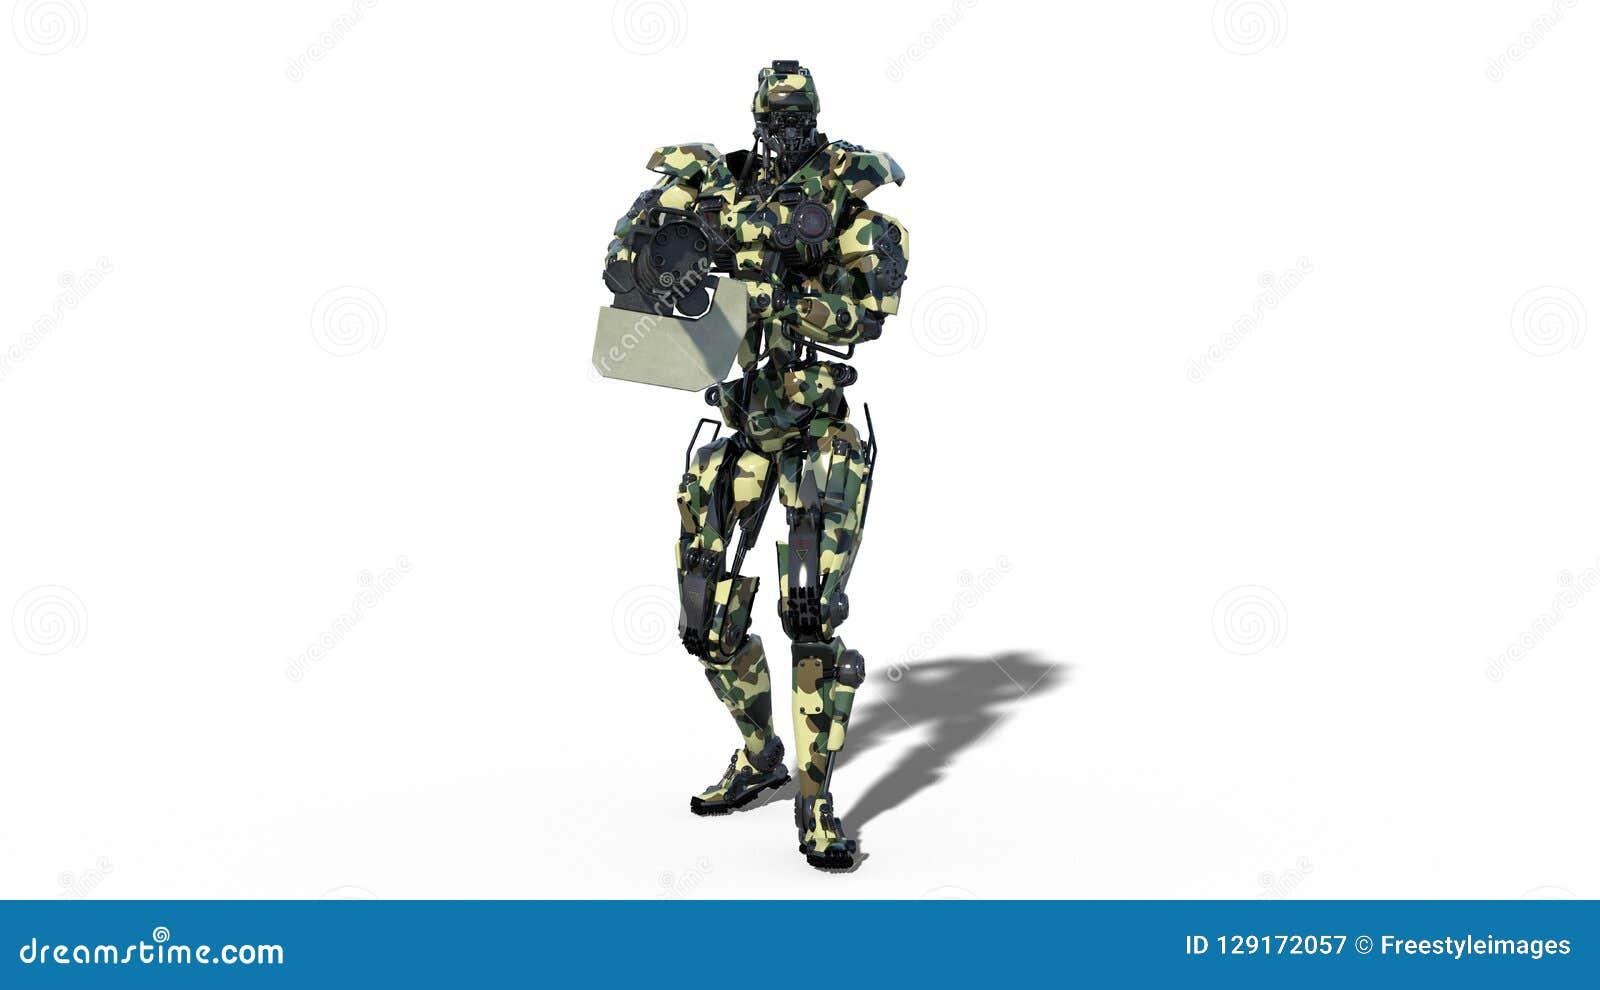 Робот армии, киборг вооруженных сил страны, воинский пулемет стрельбы солдата андроида на белой предпосылке, вид спереди, 3D пред